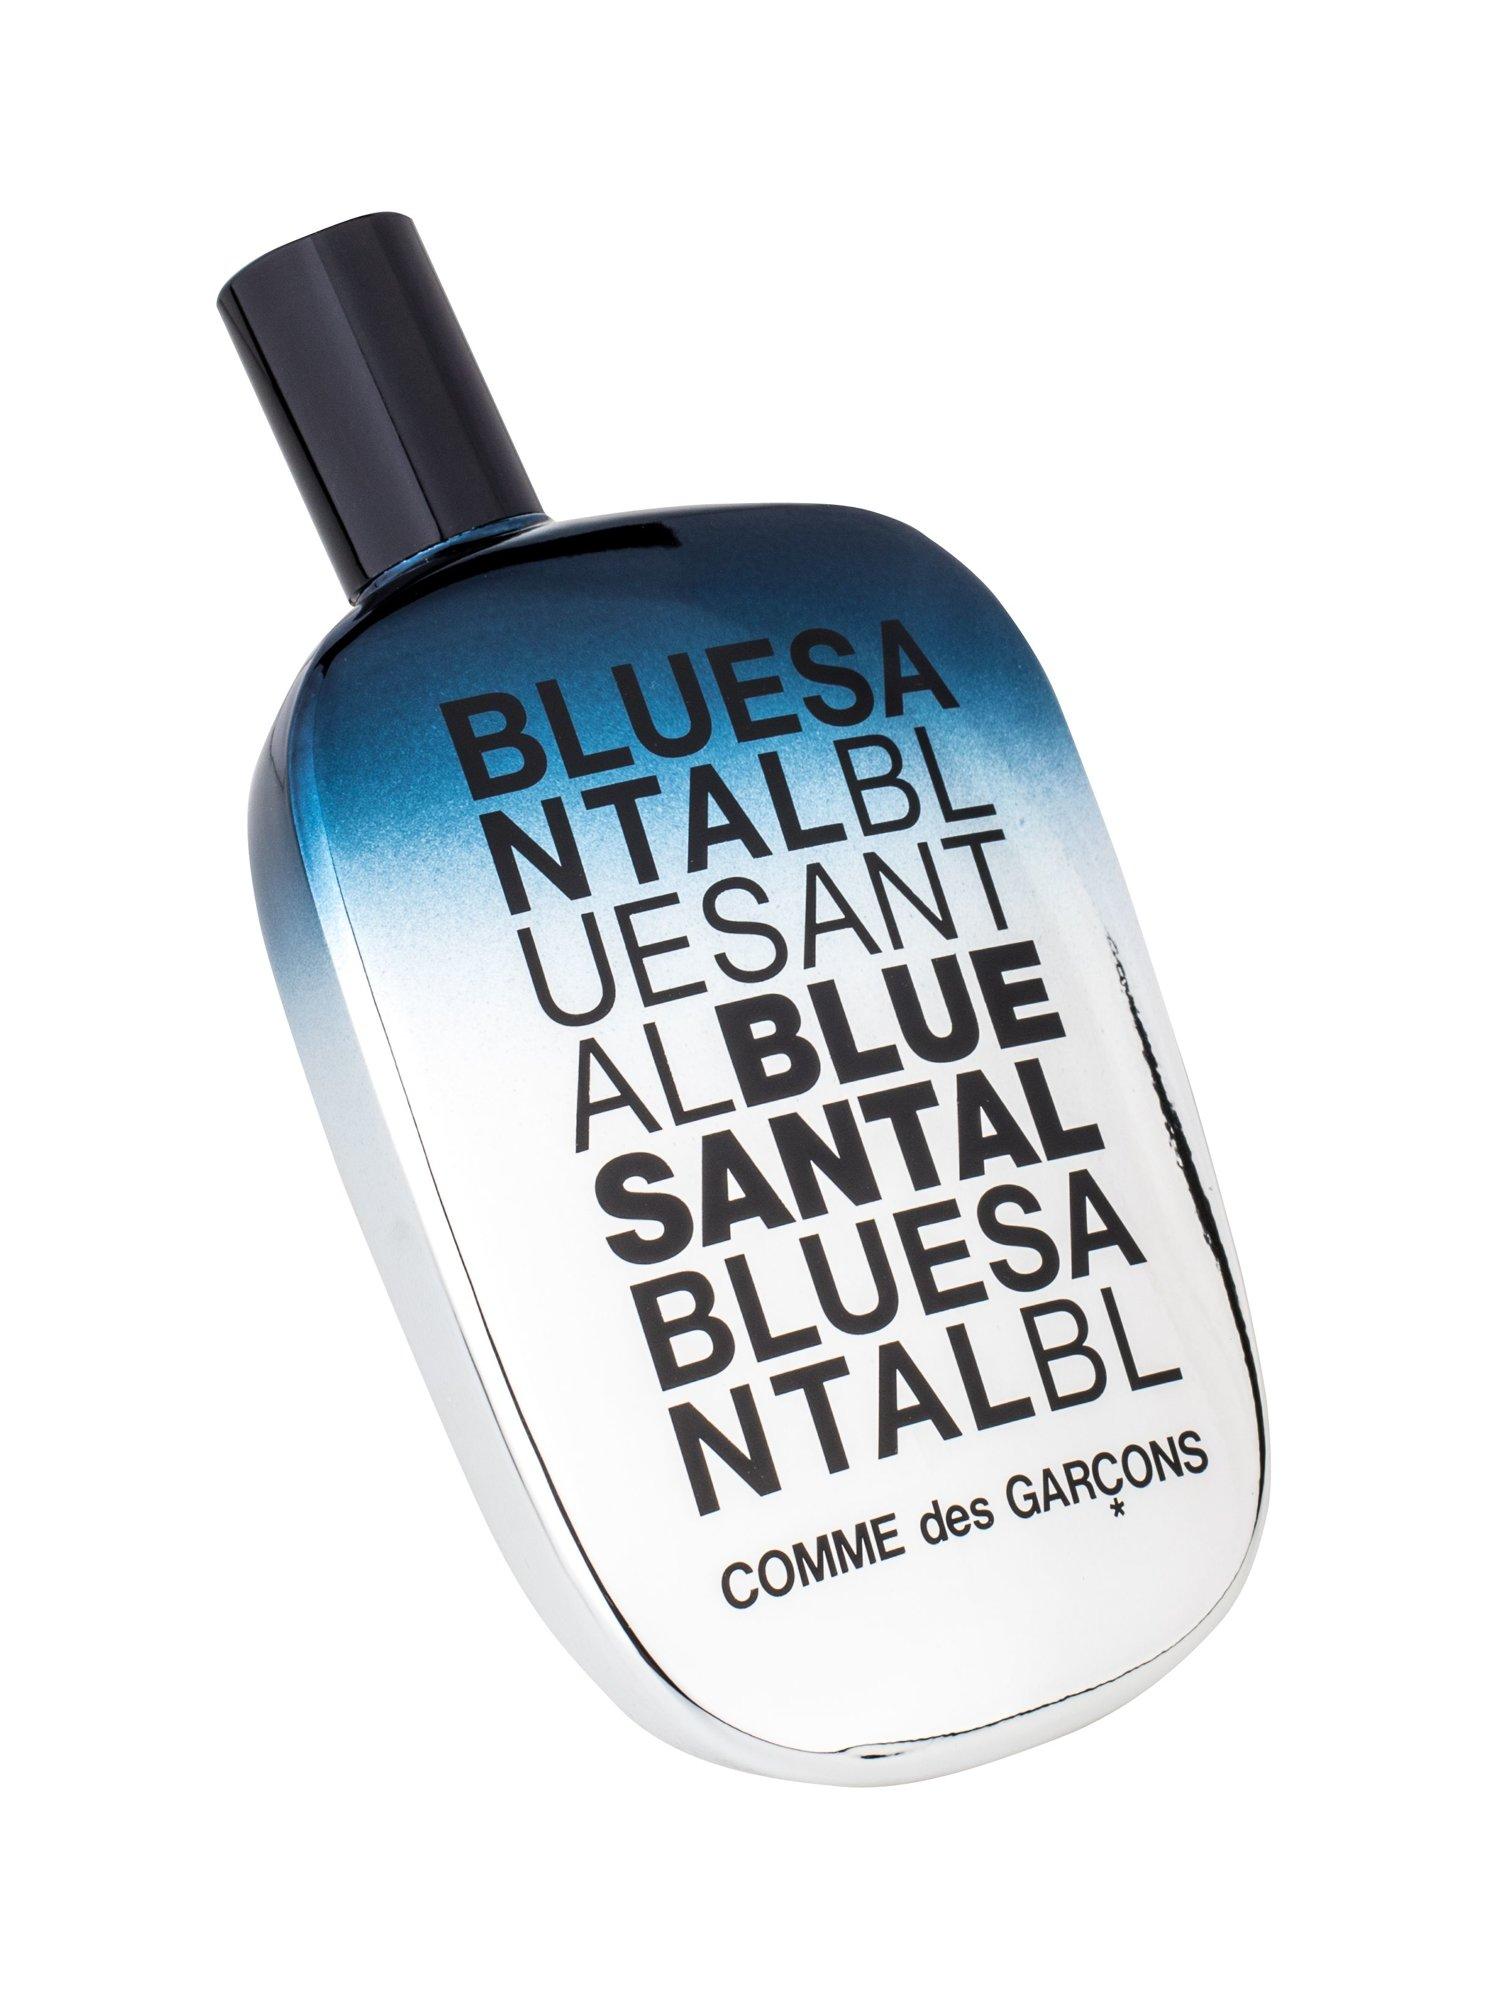 COMME des GARCONS Blue Santal EDP 100ml